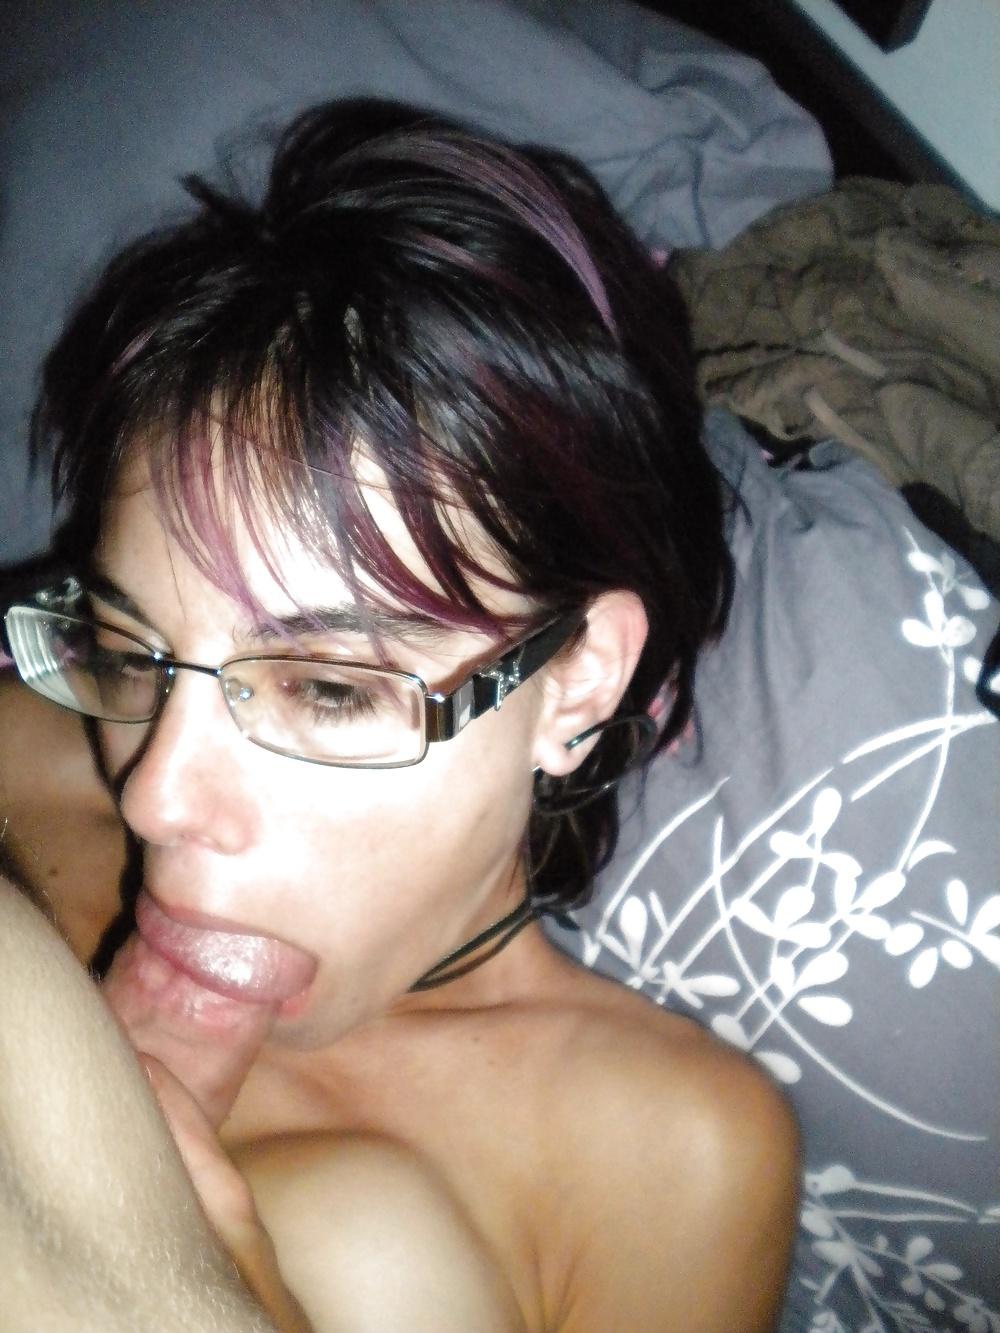 Онлайн сильвии девушка в очках домашнее порно порно